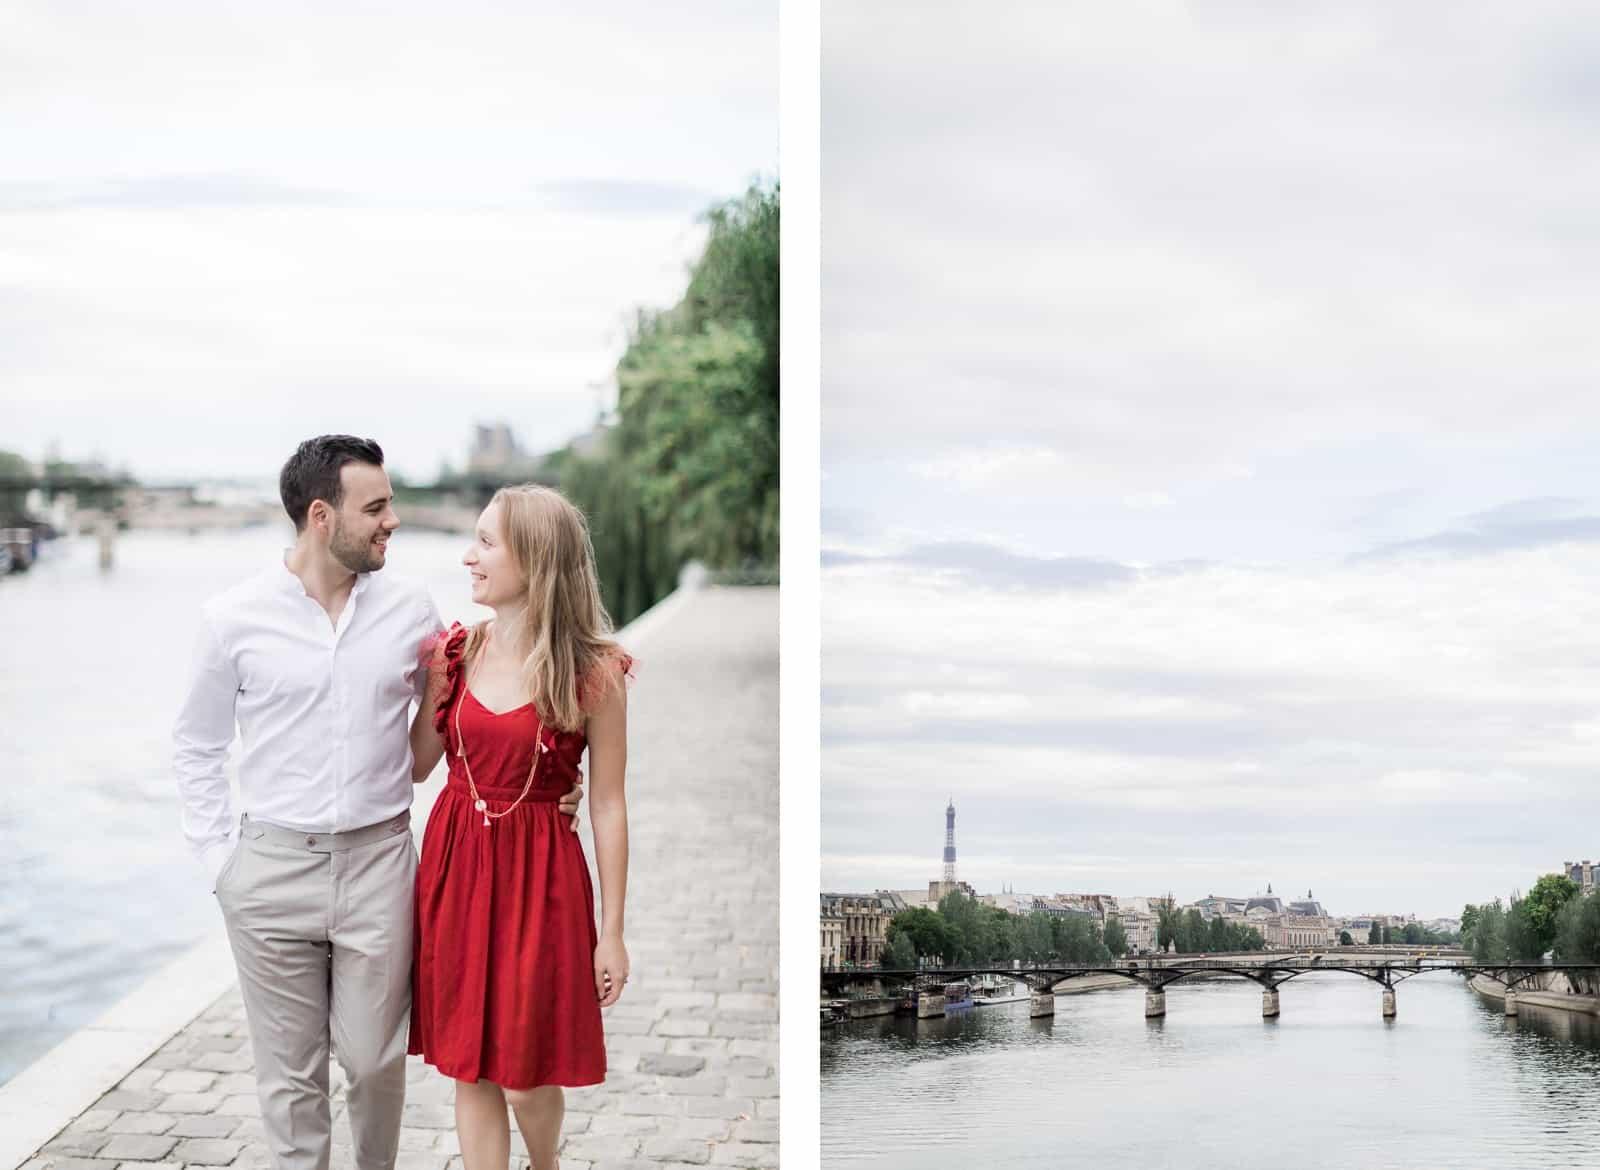 Photo de Mathieu Dété, couple marchant en bord de Seine à Pont Neuf